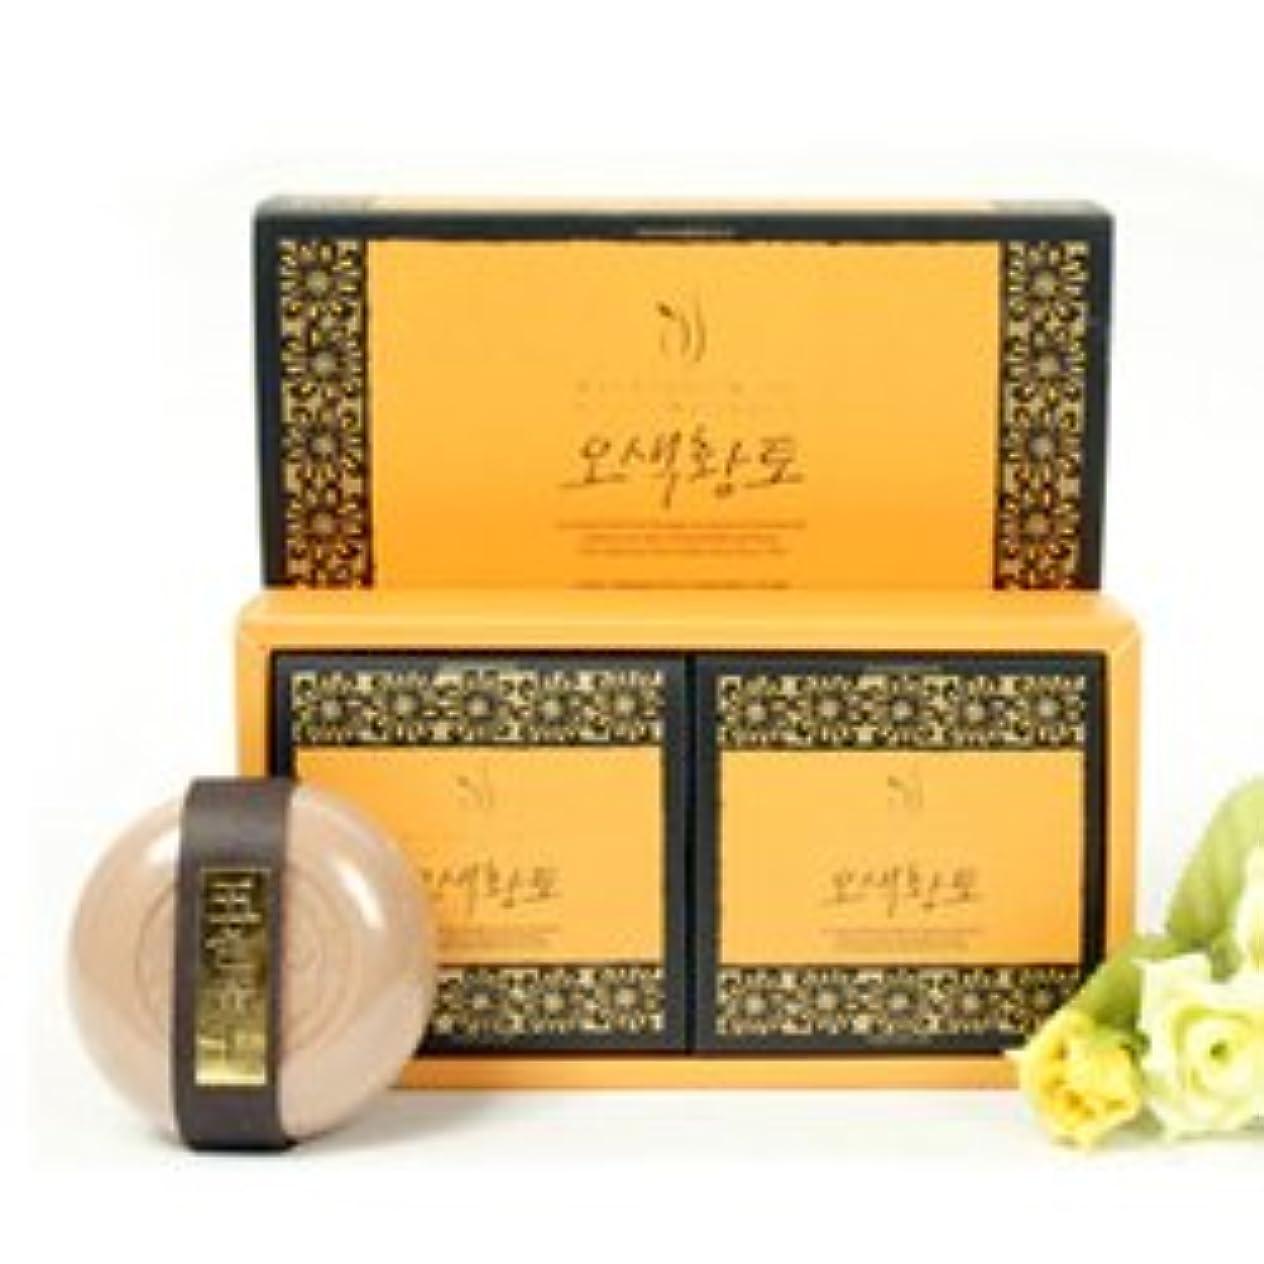 年次マイルストーン提供されたソンハク 五色黄土石鹸 (110g*2個) [海外直送品][並行輸入品]